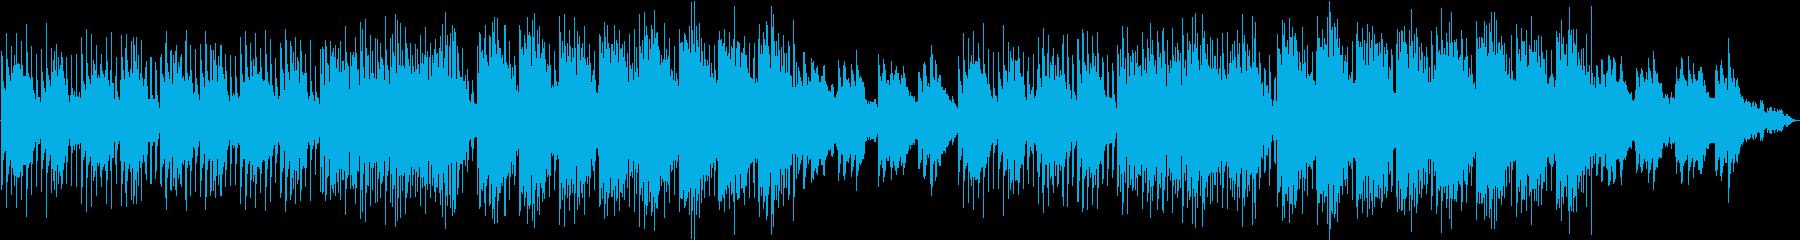 キラキラとした爽やか明るいピアノ企業VPの再生済みの波形